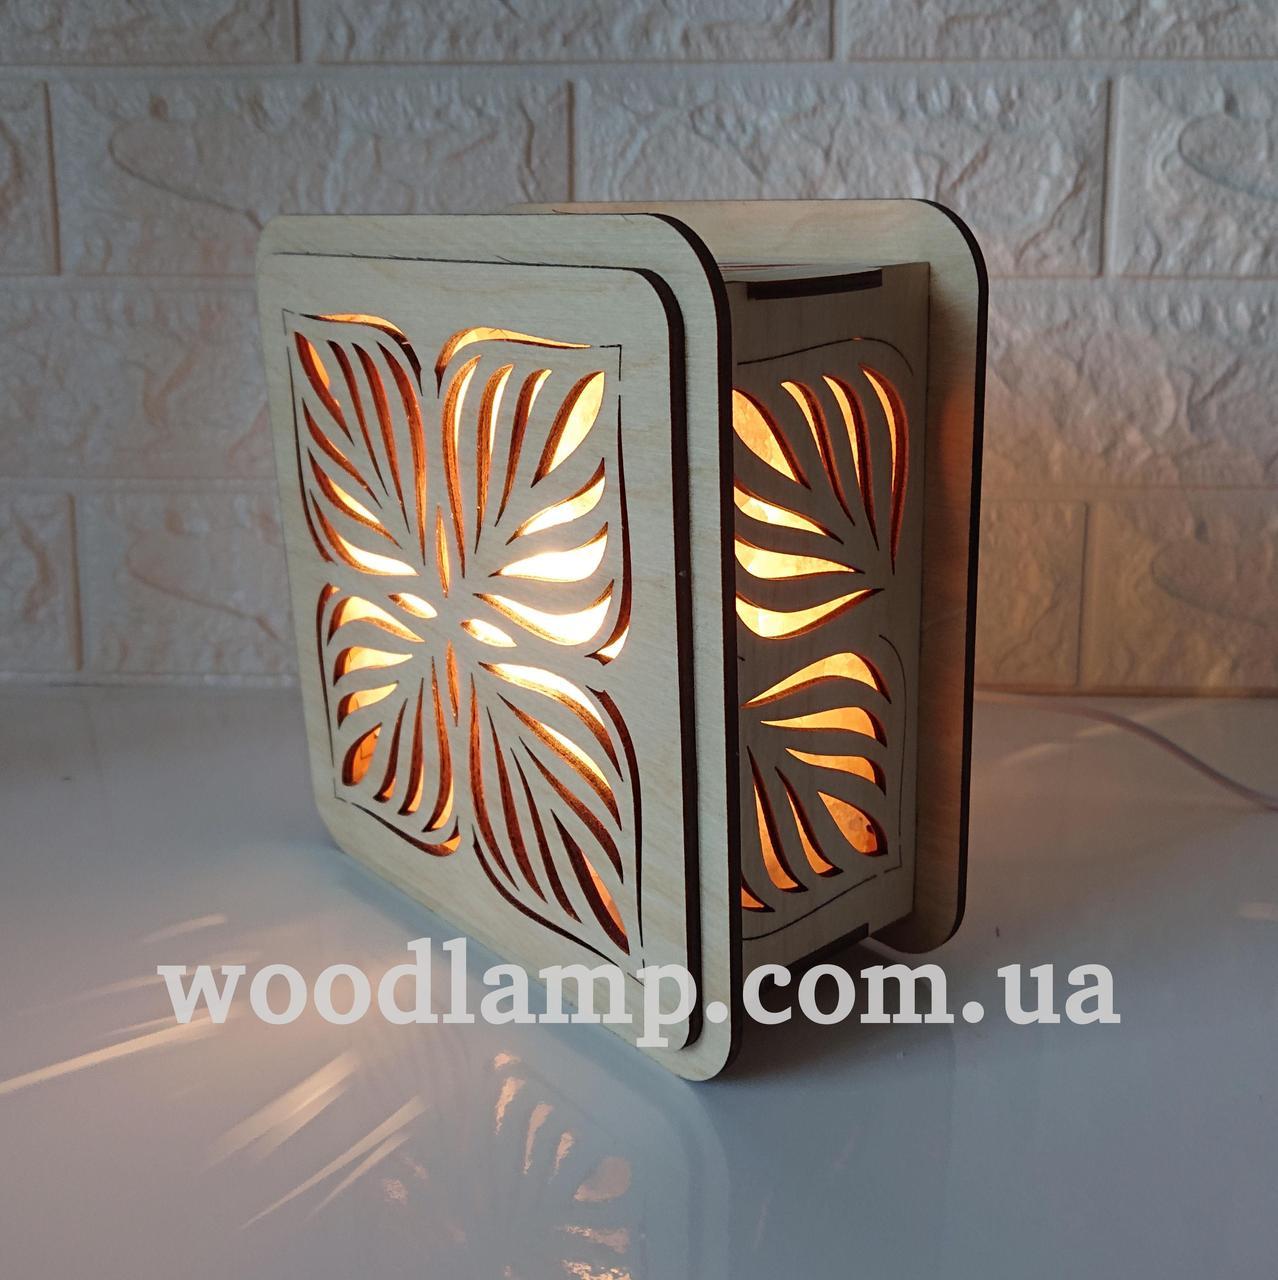 Соляной светильник Квадратный деревянный Узор